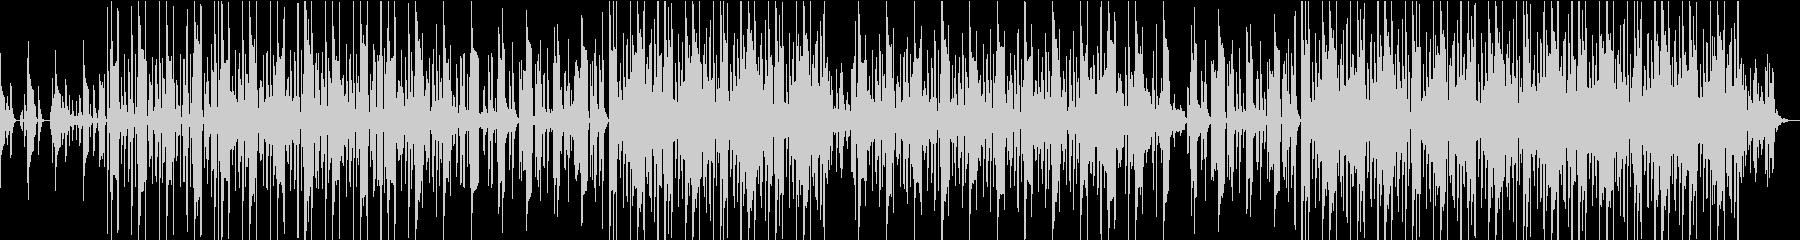 ポップ テクノ 邦楽 K-POP ...の未再生の波形